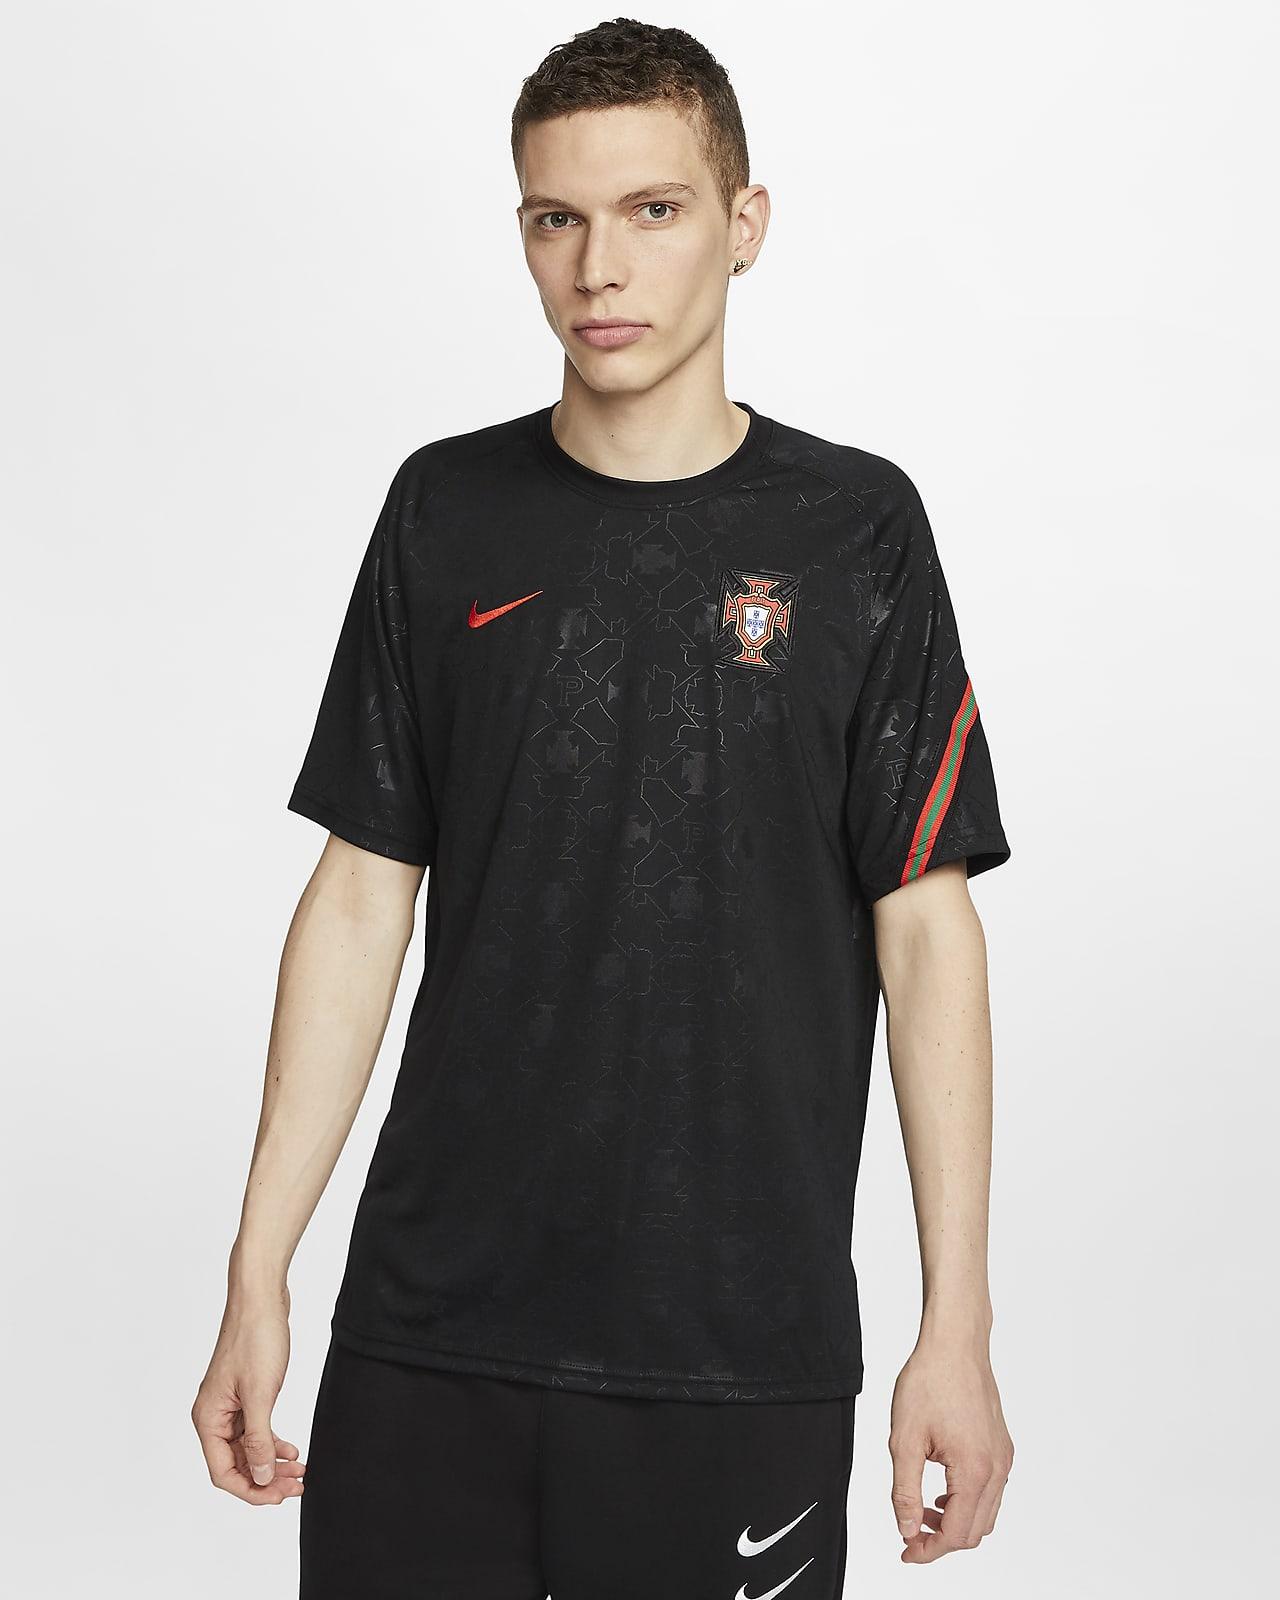 葡萄牙队男子短袖足球上衣